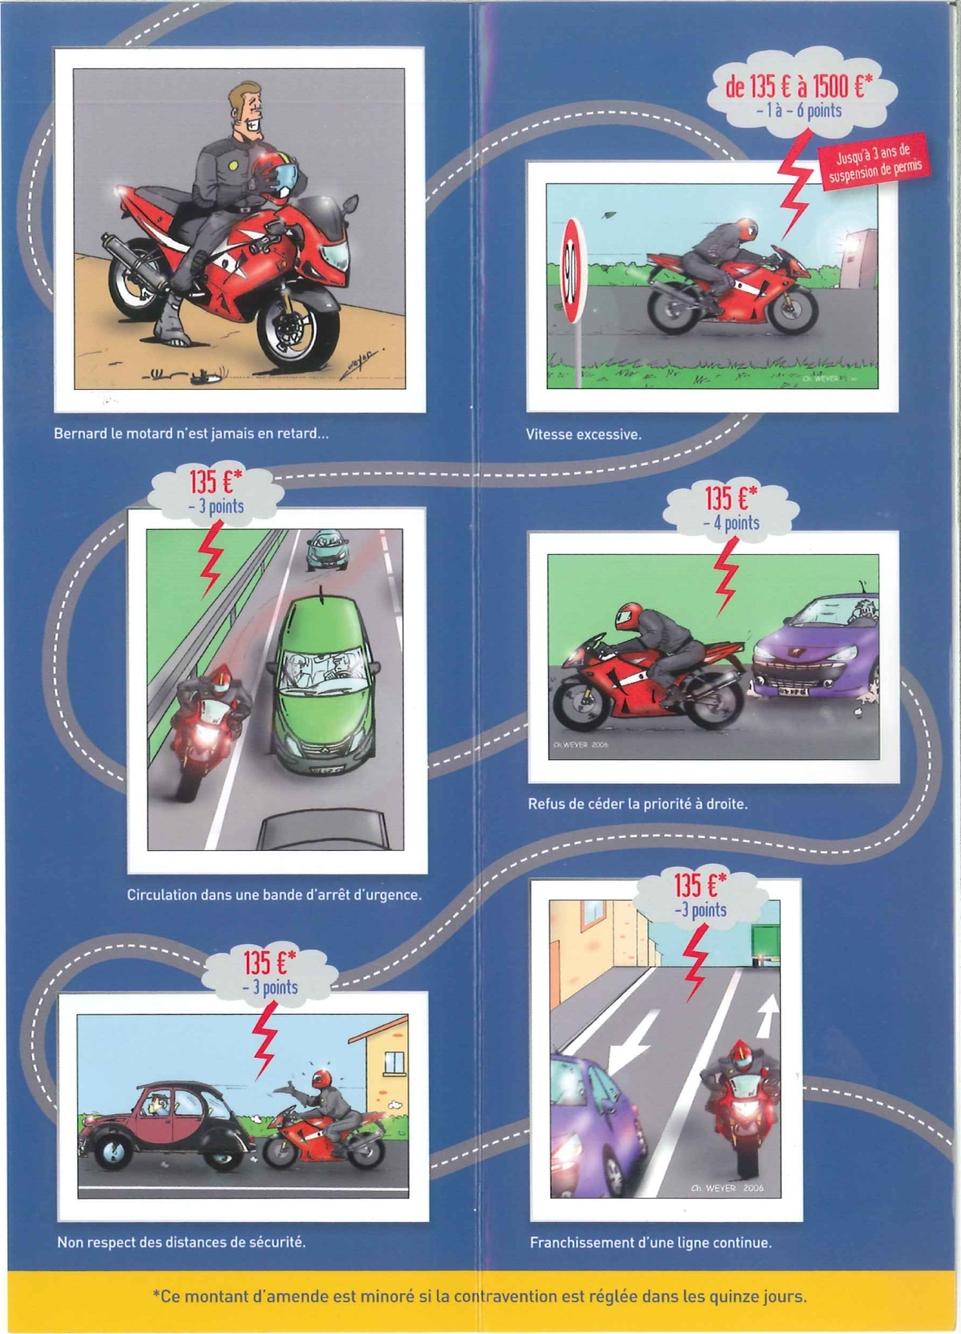 Sécurité routière : la pédagogie selon la Préfecture de Police...